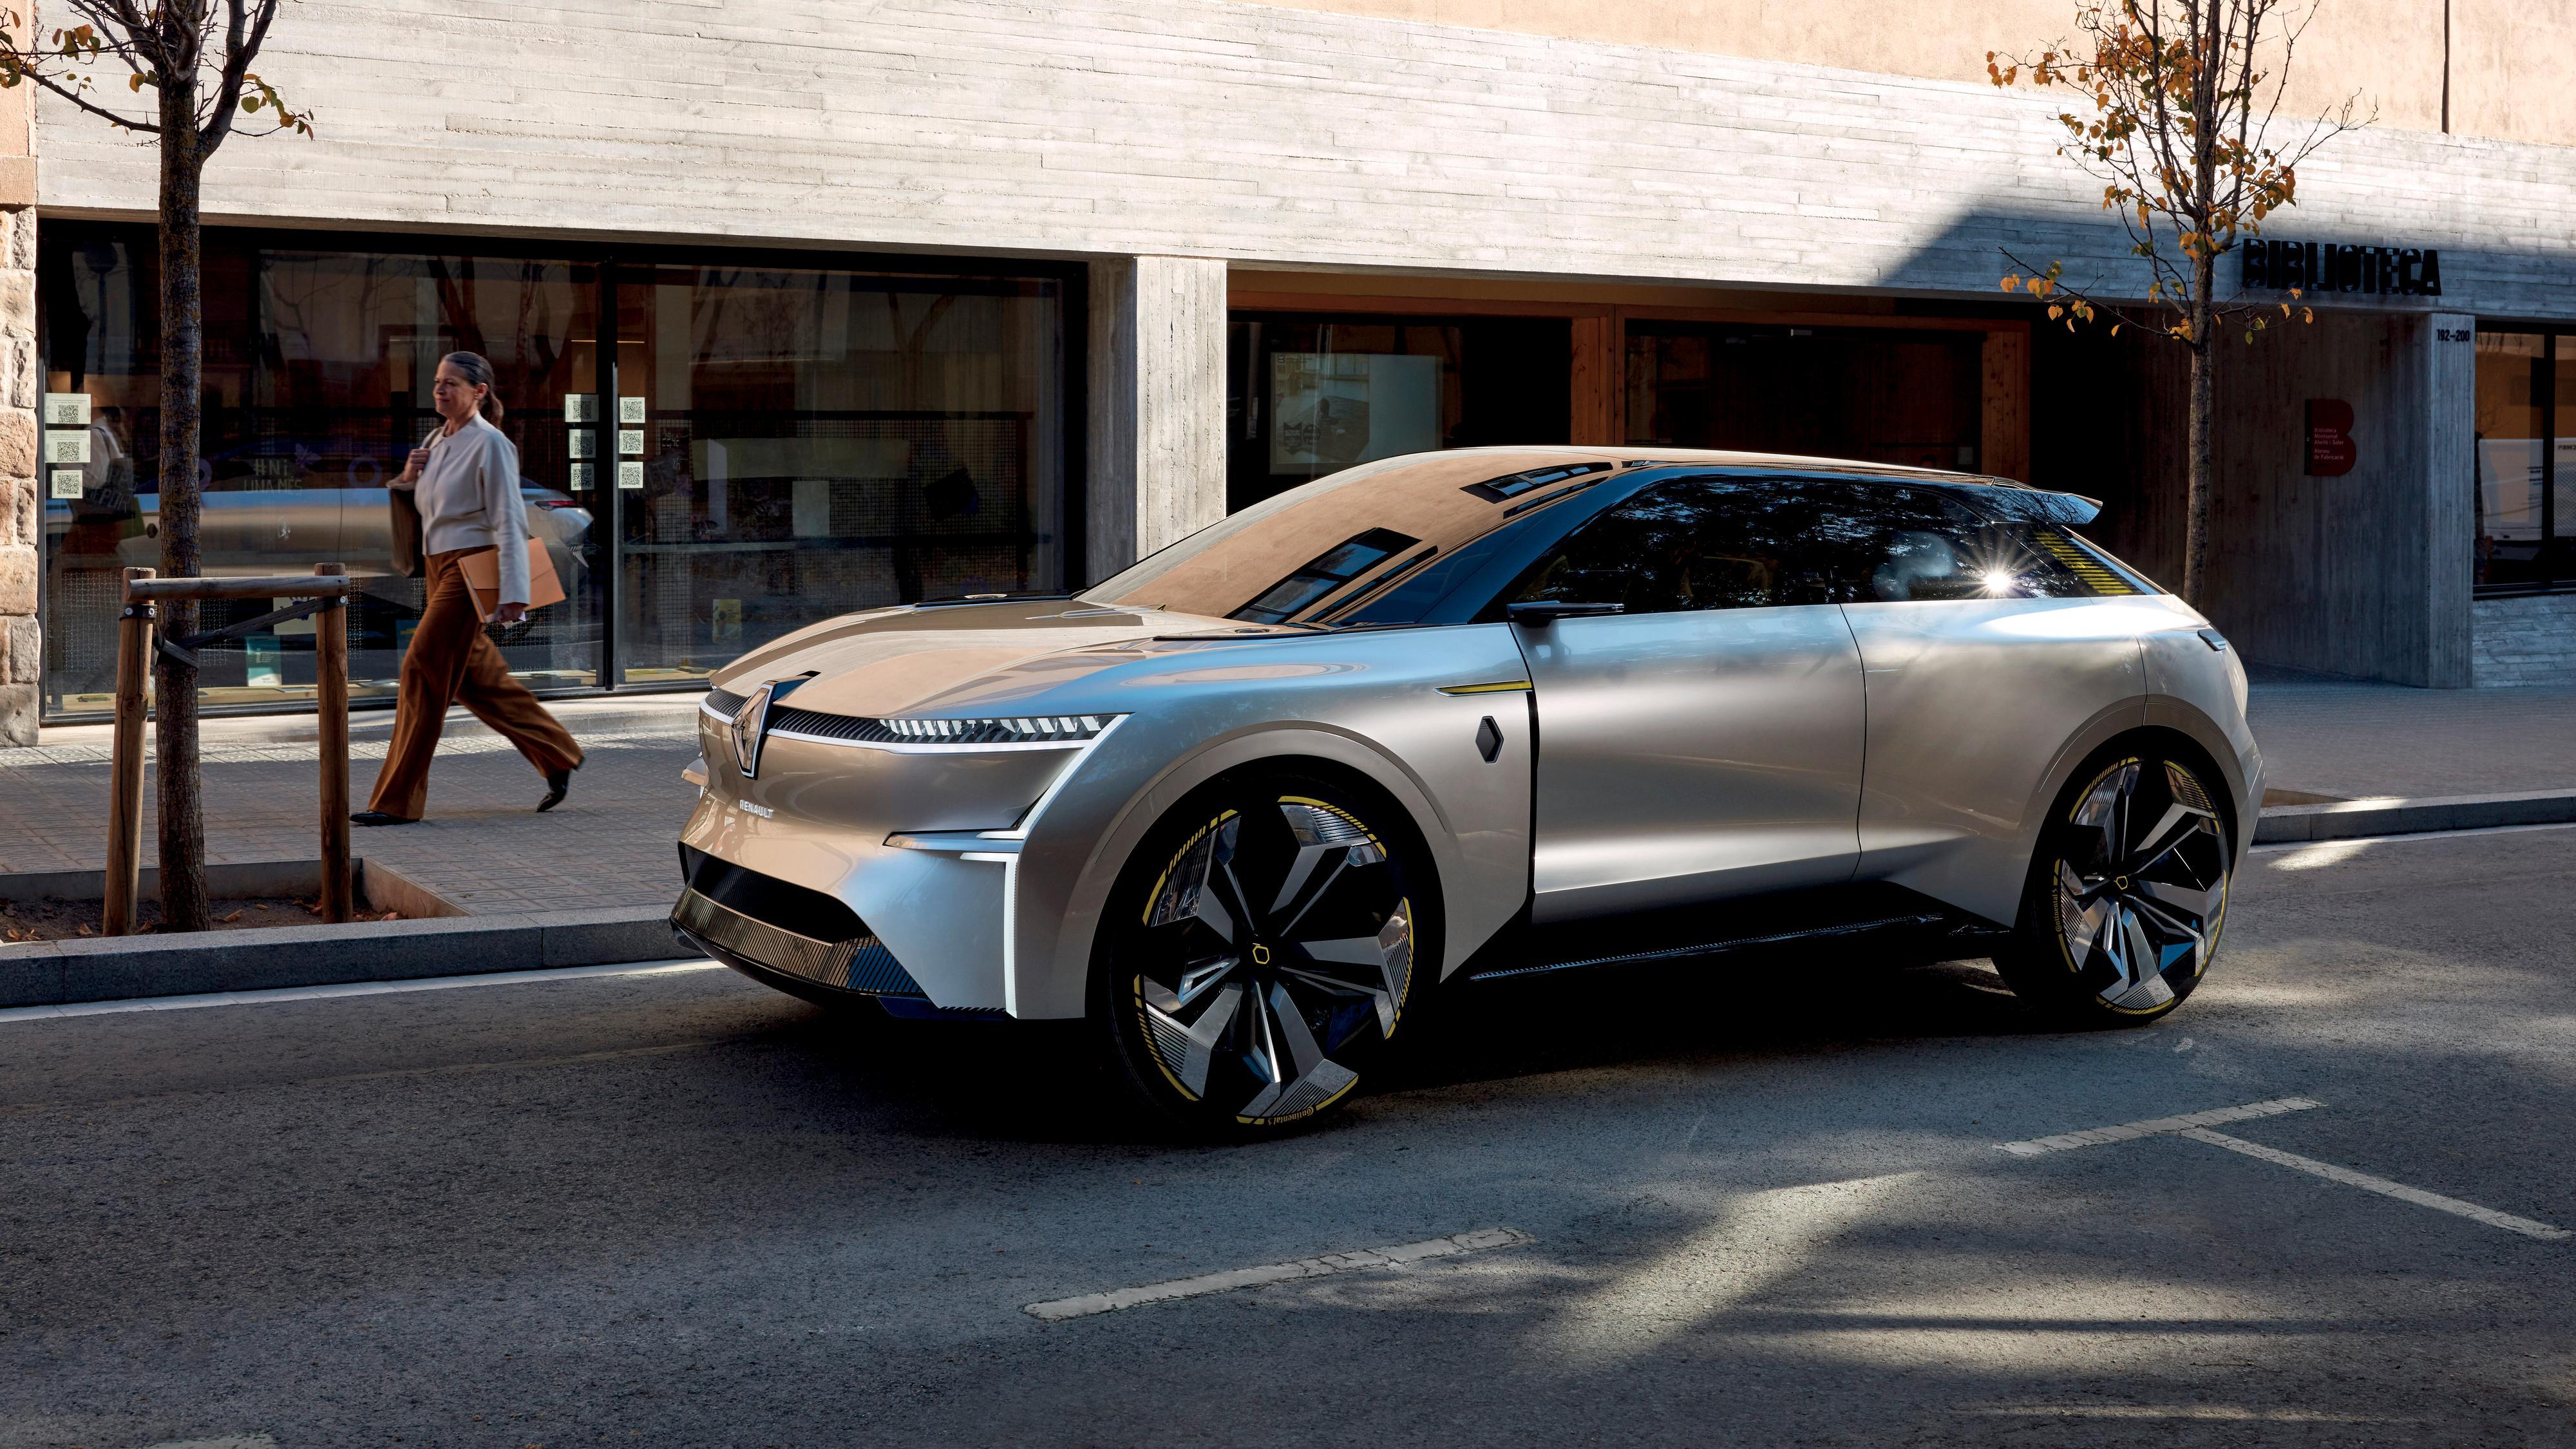 Renaults nye konseptbil kan «strekkes» med 40 centimeter